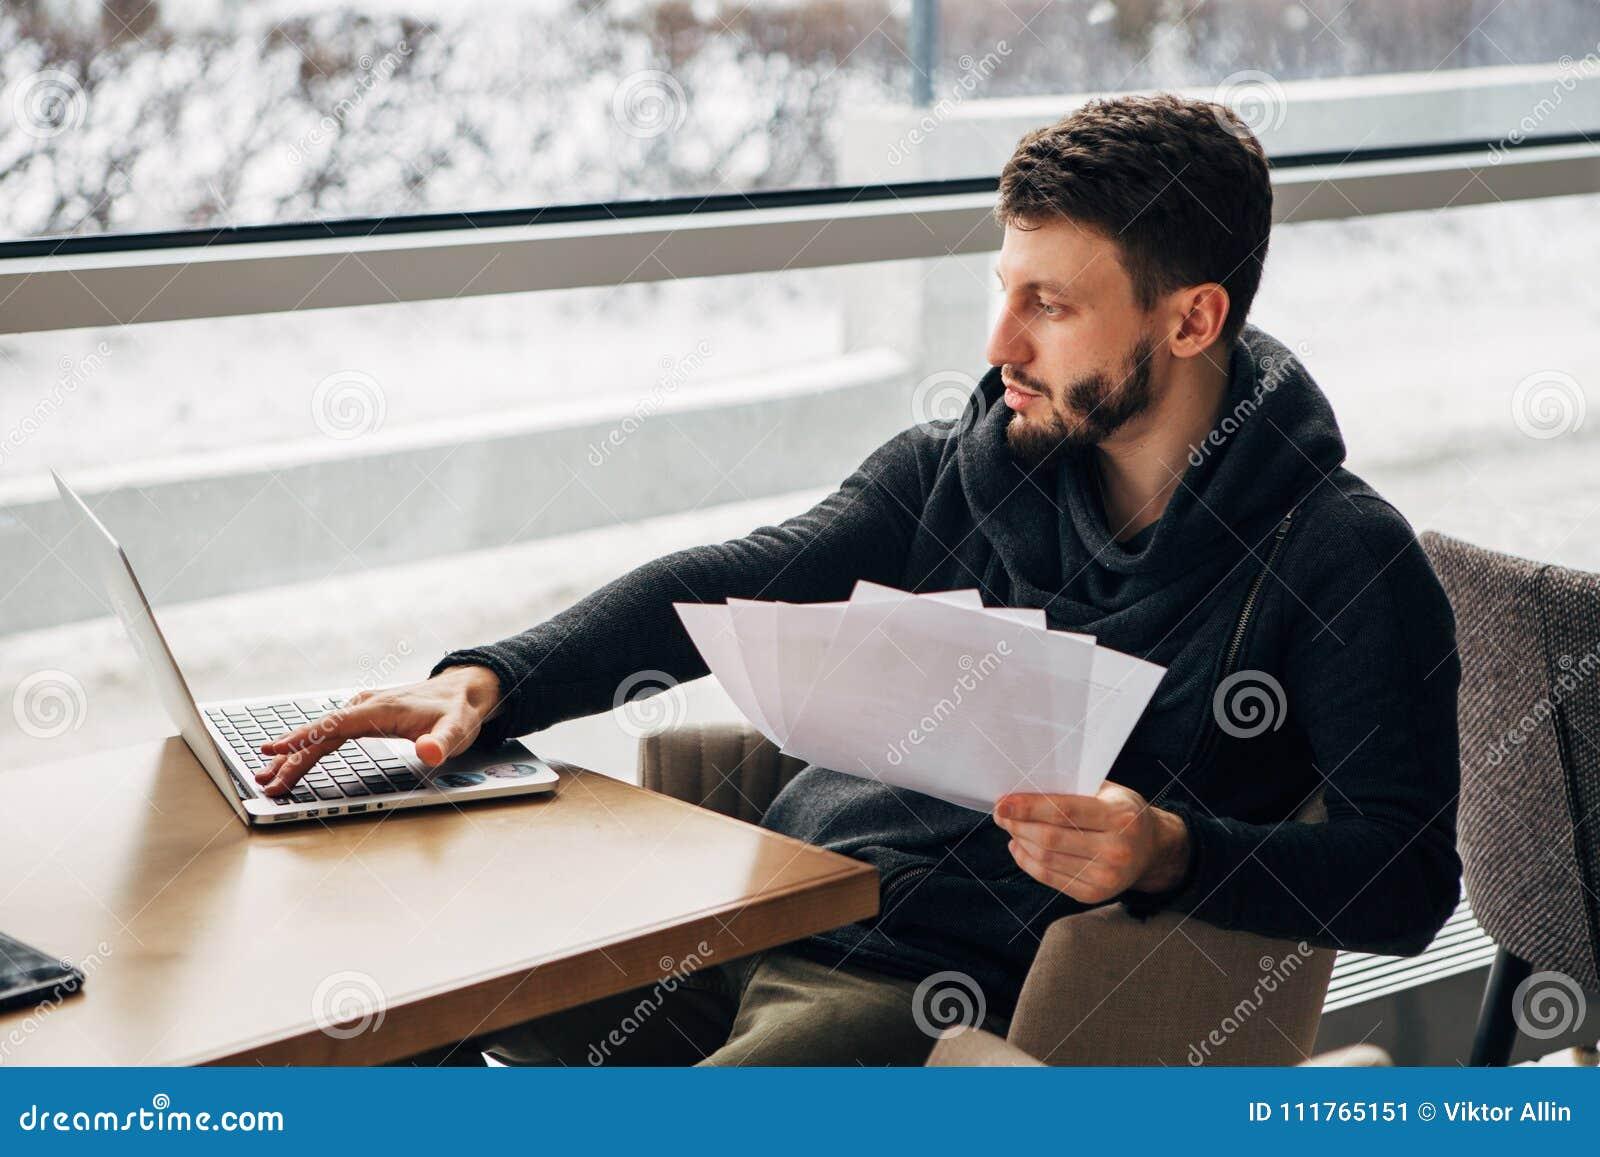 Συνεδρίαση νεαρών άνδρων στον καφέ και χρησιμοποίηση του lap-top